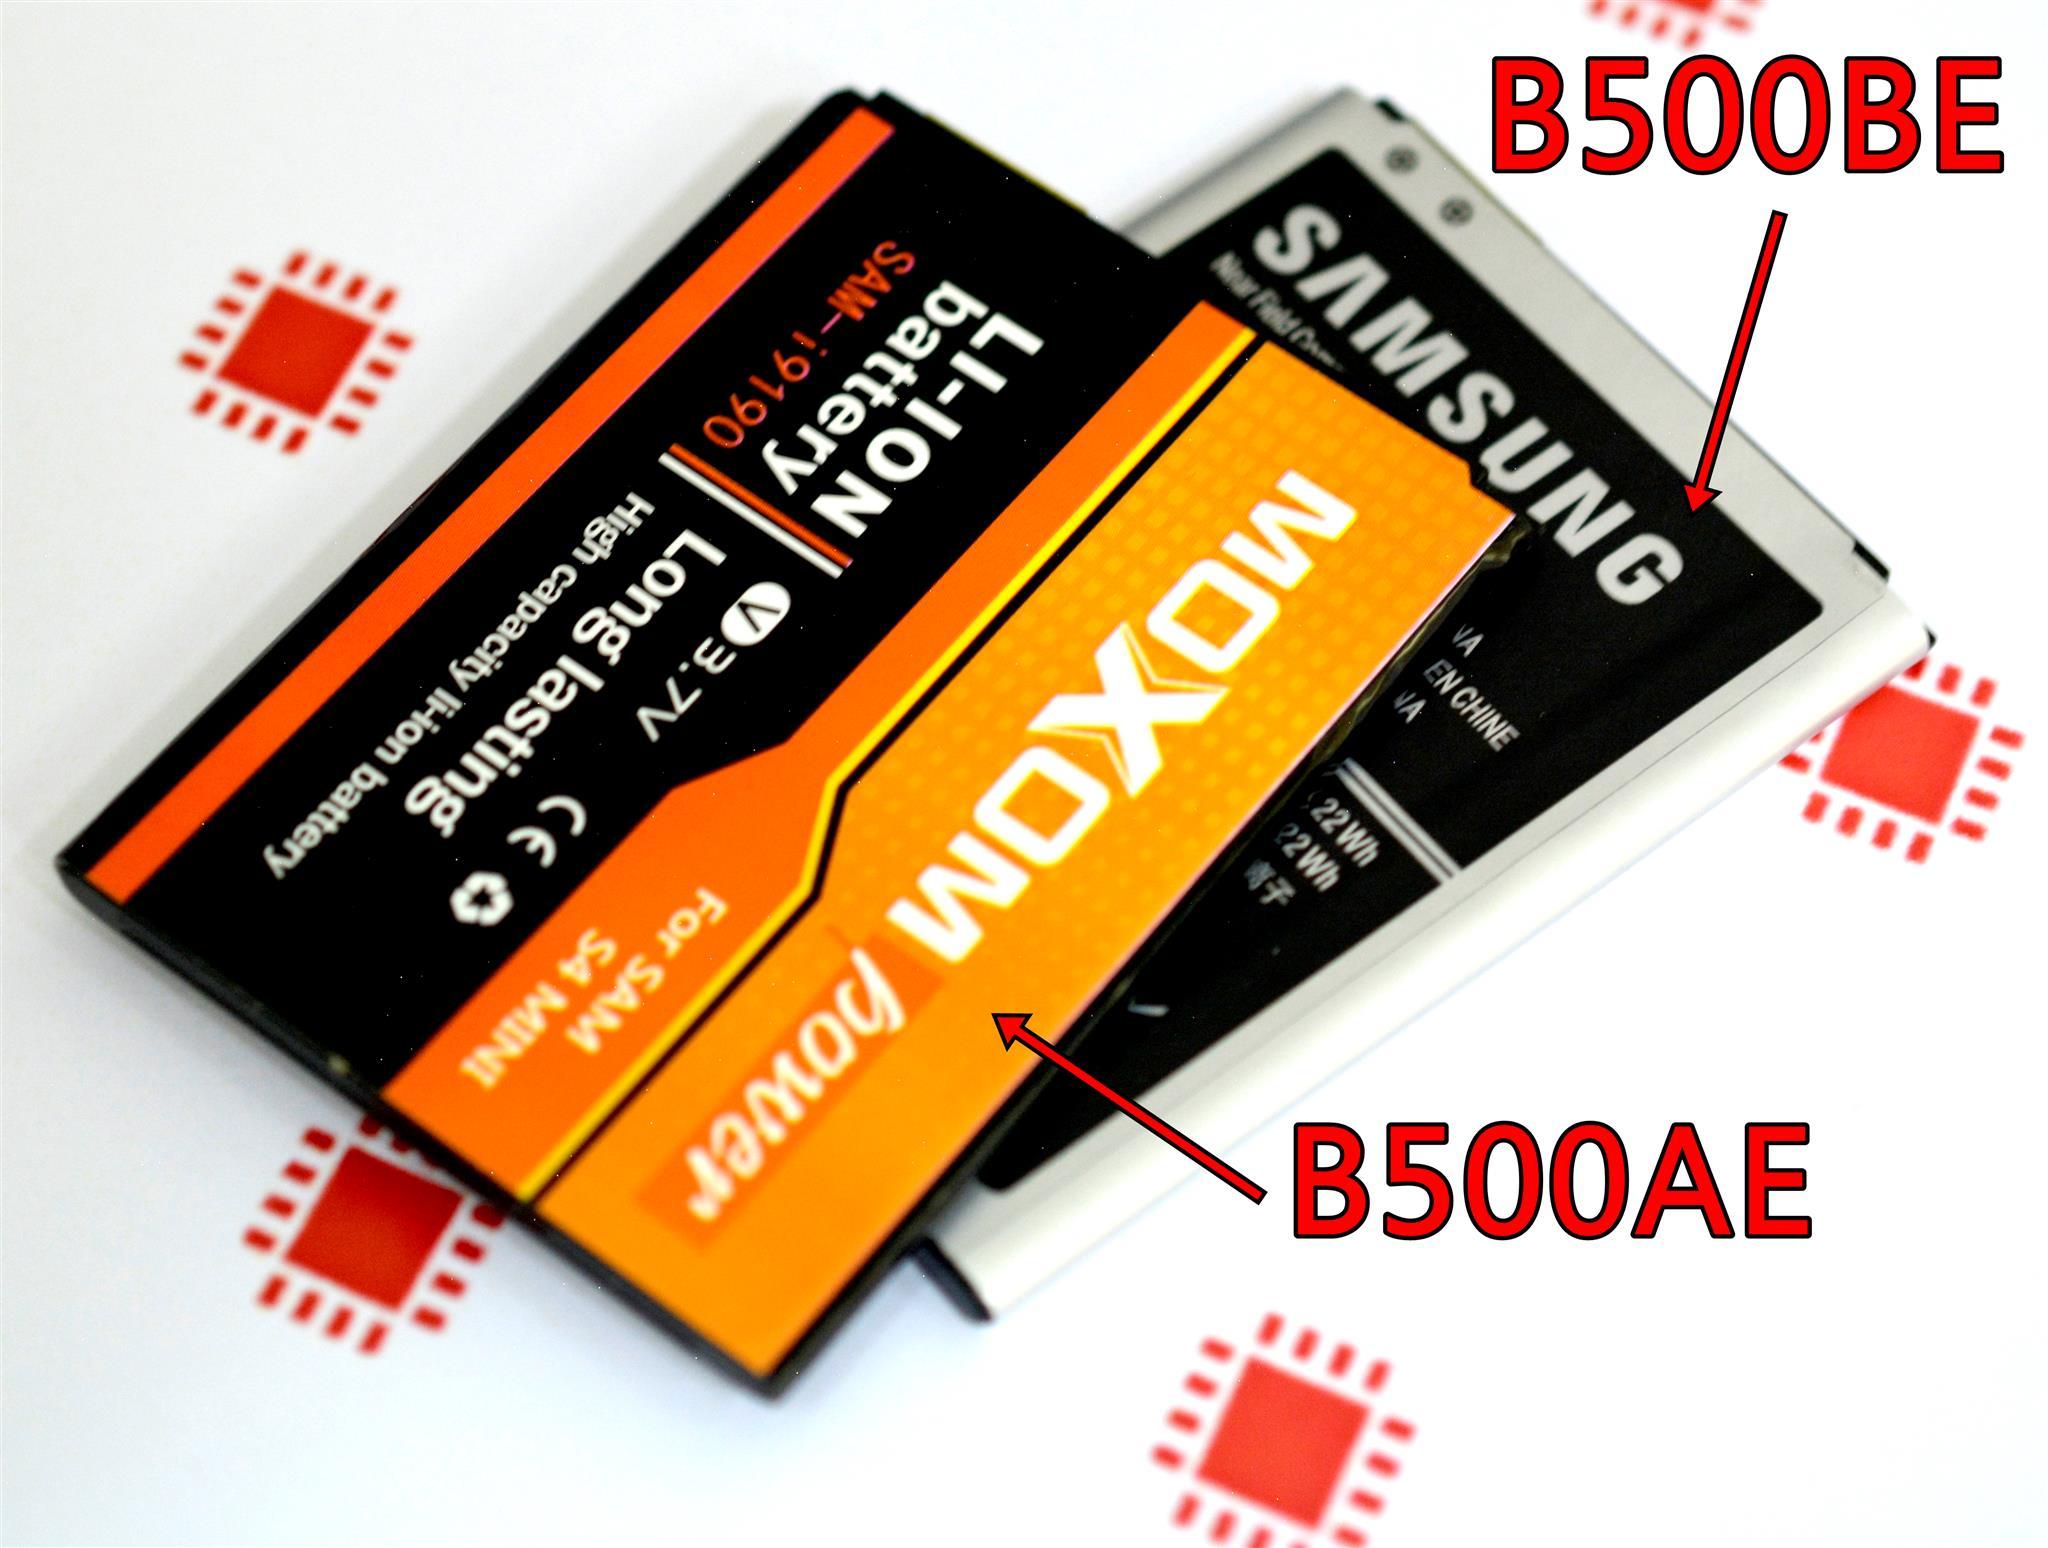 Чем отличаются аккумуляторы B500AE и B500BE для Samsung Galaxy Mini